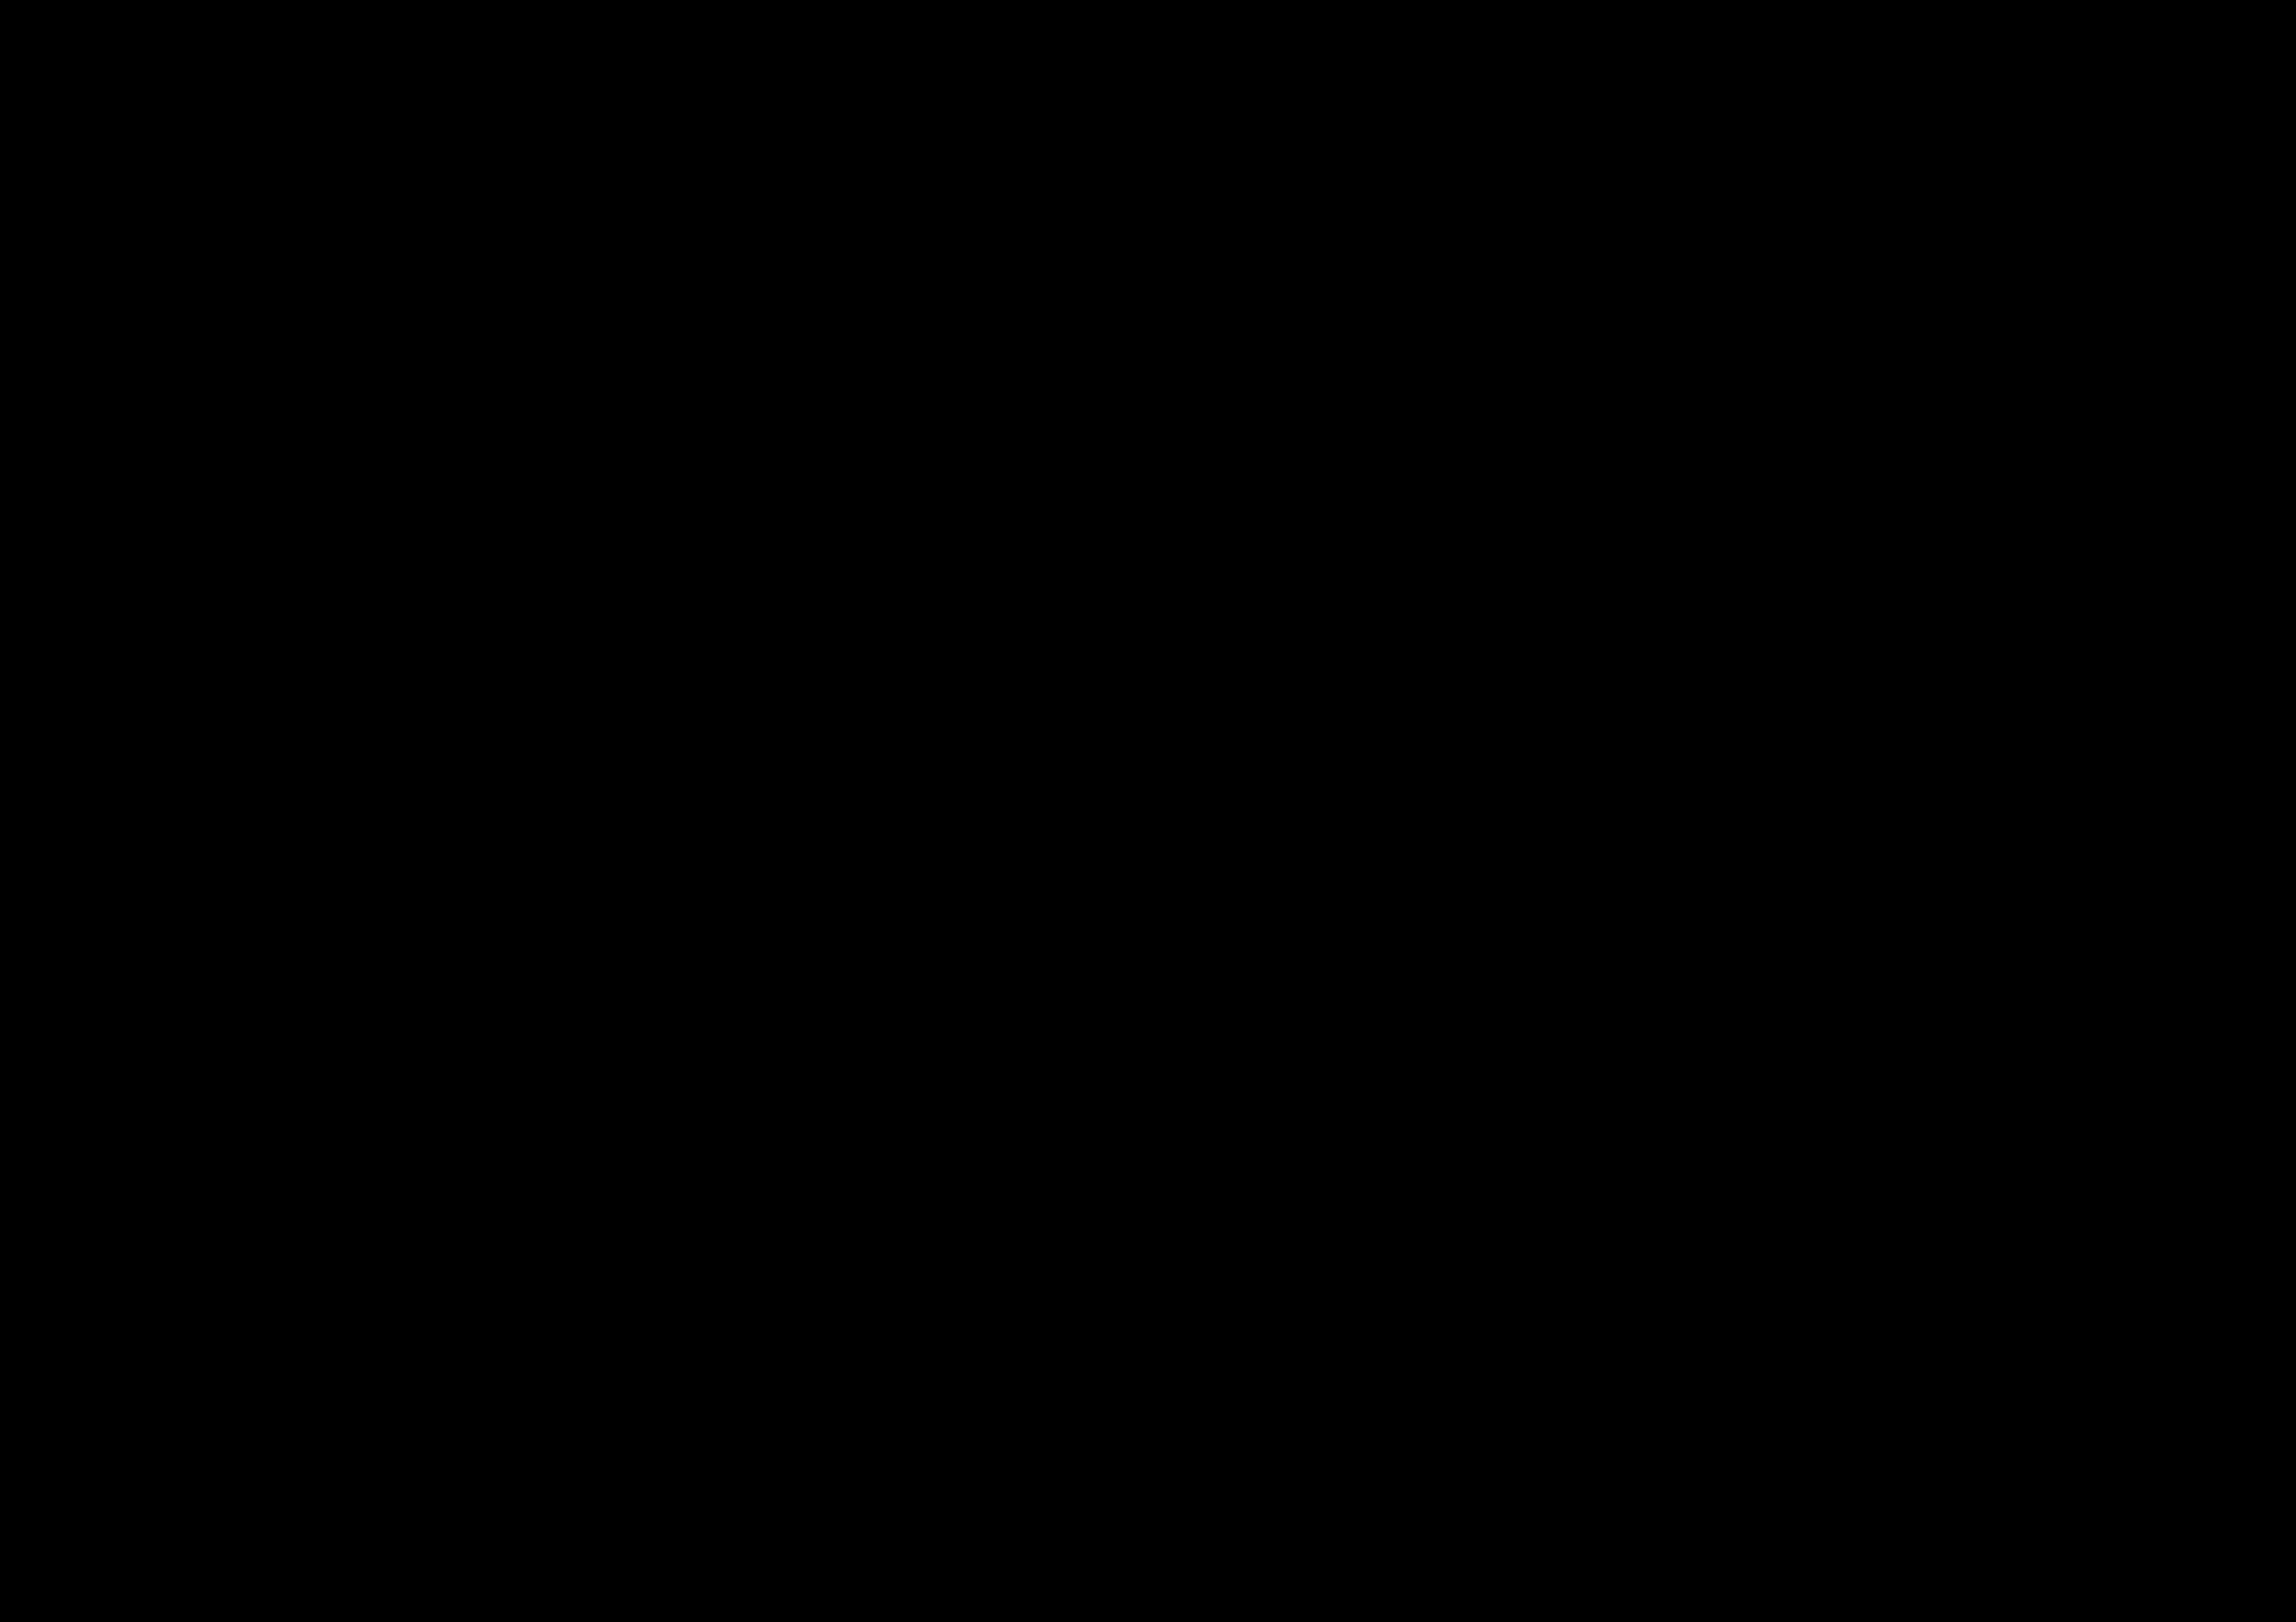 La Biblioteca Universitaria de Las Palmas de Gran Canaria con la Erradicación de la pobreza